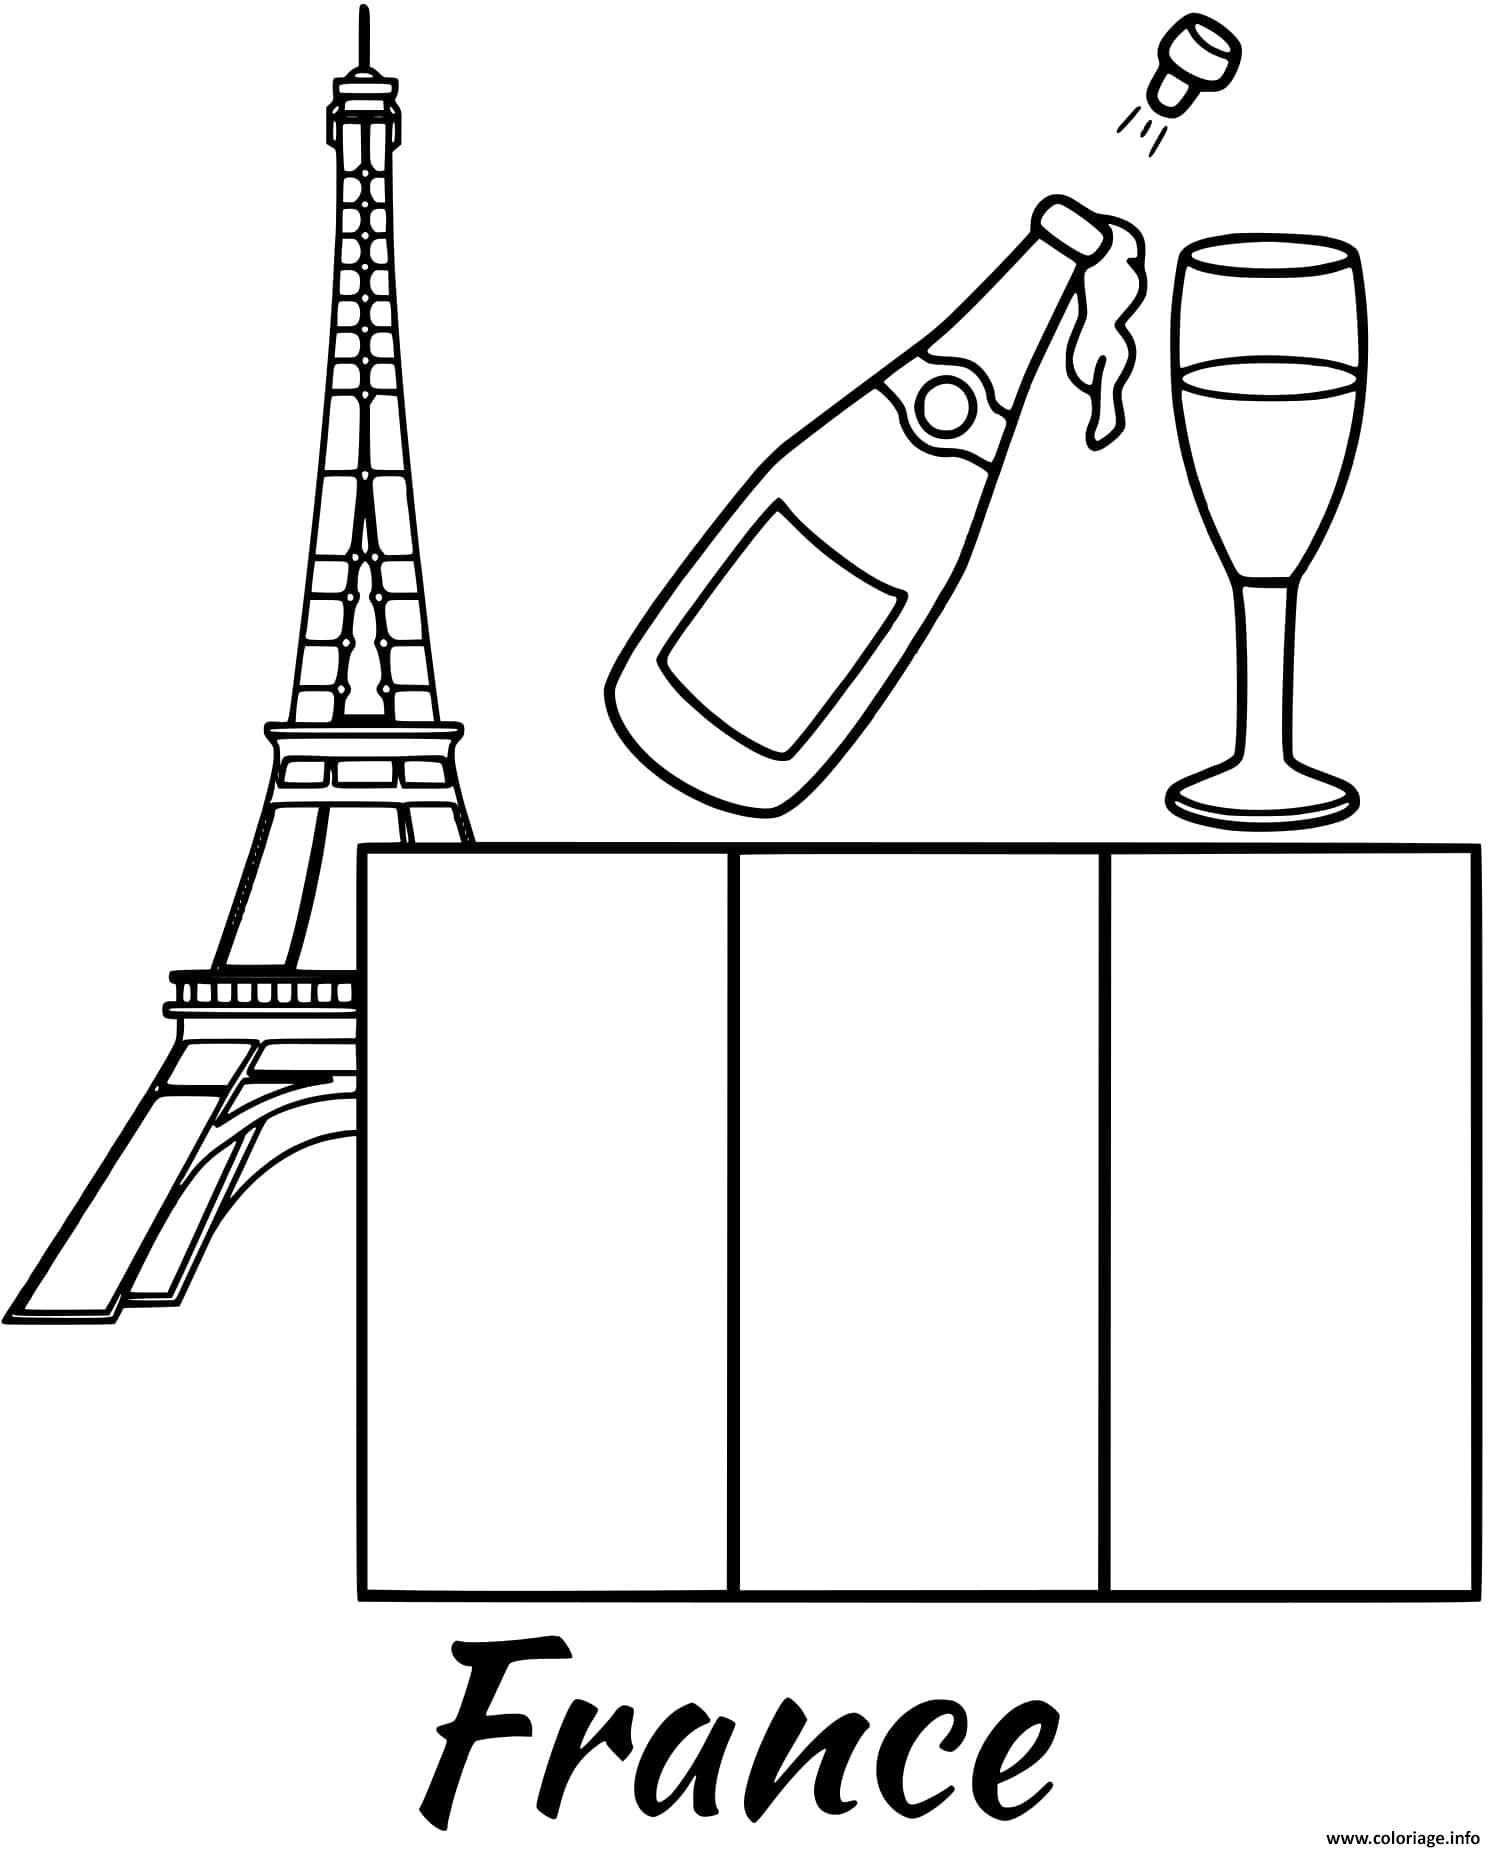 Dessin france drapeau eiffel tower Coloriage Gratuit à Imprimer